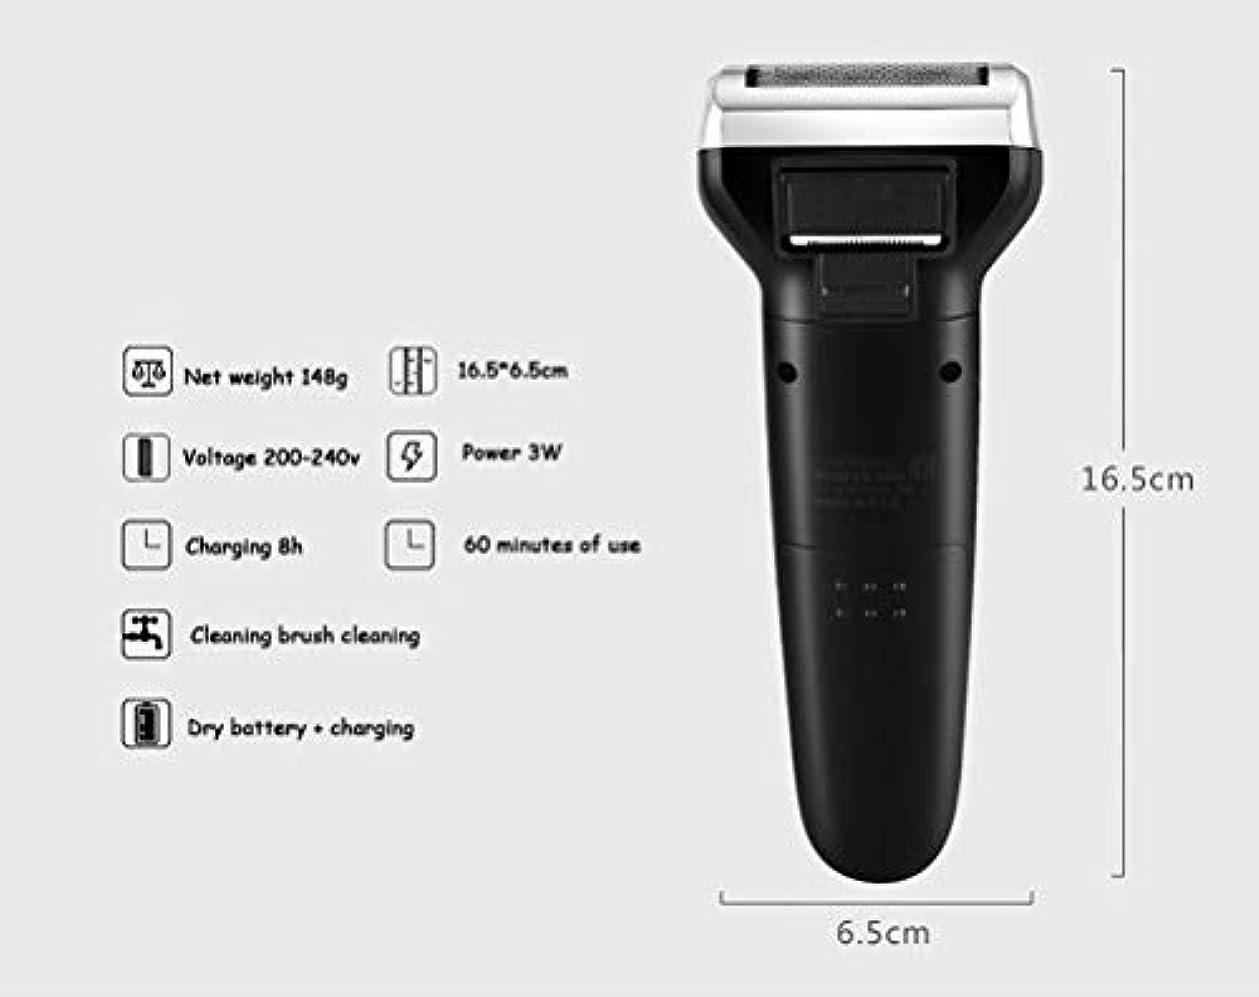 しなければならない時間厳守任命するDiorerr 3イン1往復ヘアバリカンシェーバー鼻毛精密トリマー電動バリカンusb充電理髪ツール